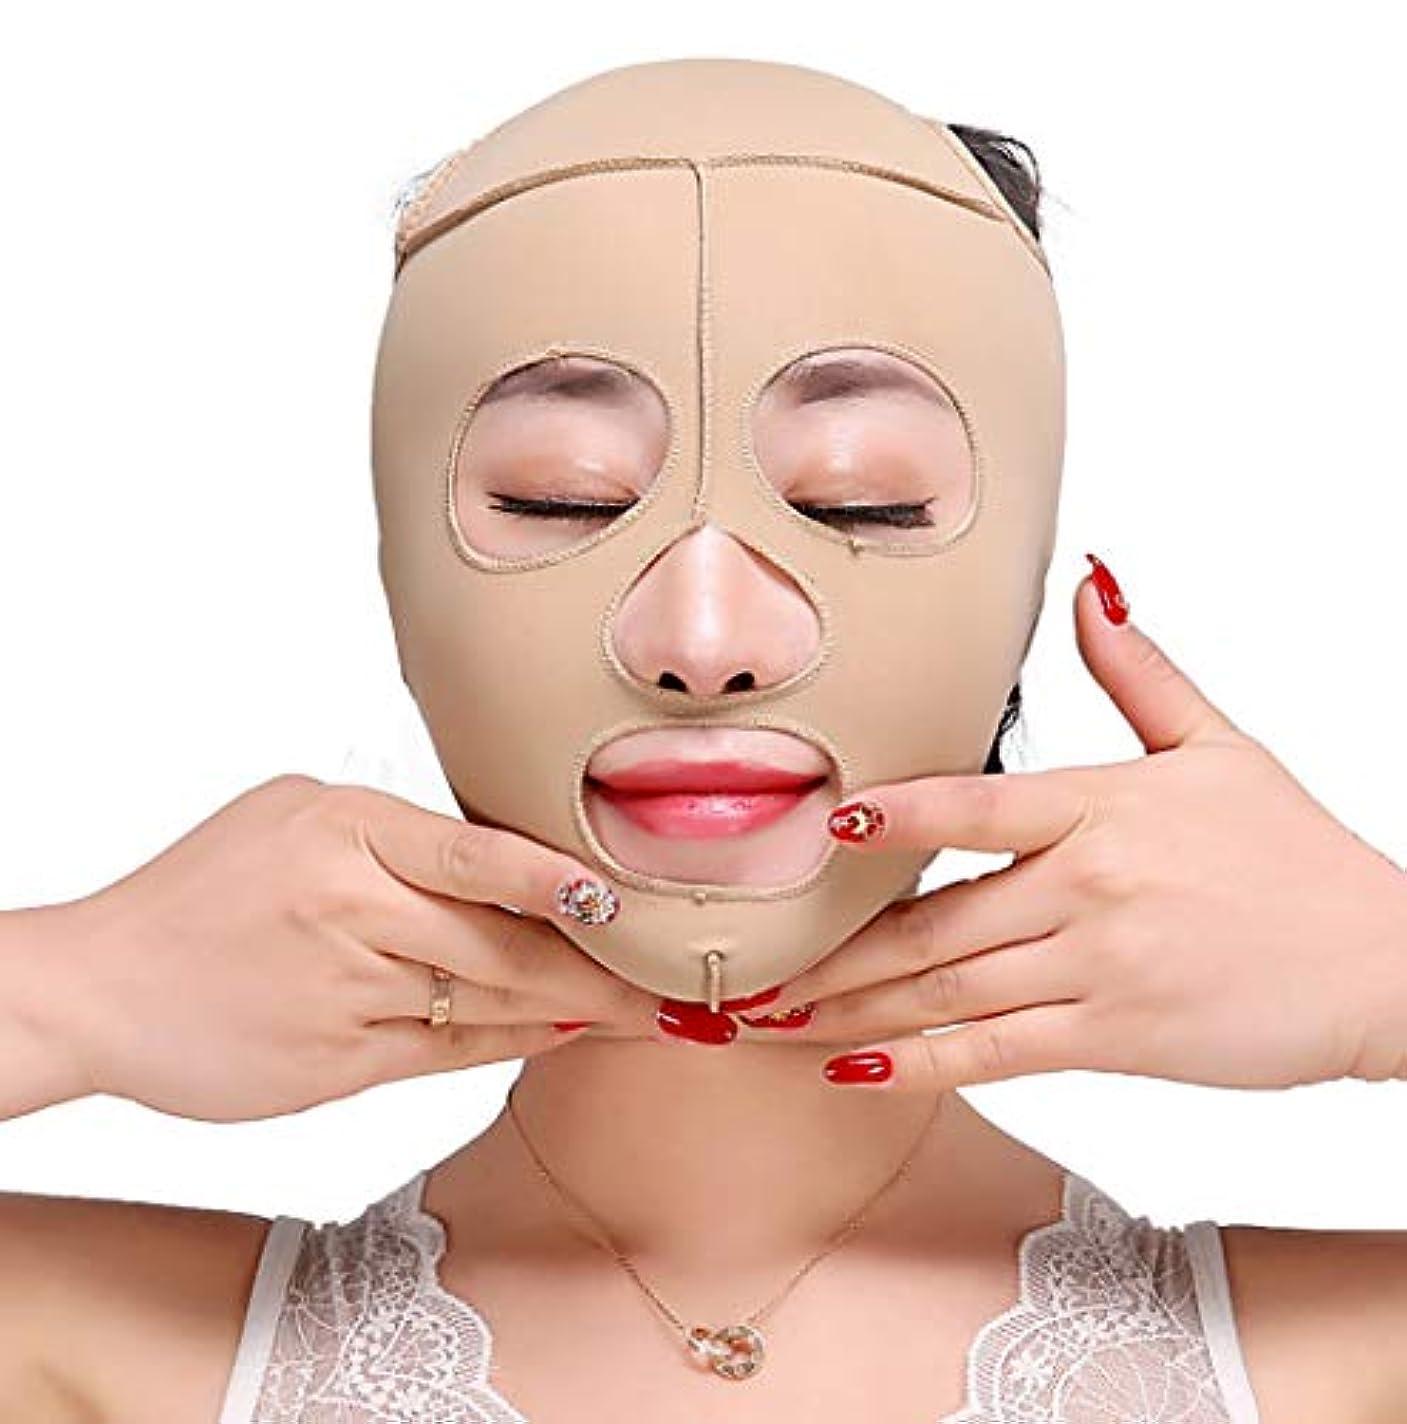 触手悲劇的な政治的TLMY 痩身ベルト痩身ベルト薄い顔の包帯小V顔の顔の薄い顔のマスク包帯の強化引き締めV顔美容マスク小さな顔の包帯の頭飾り修正顔の形 顔用整形マスク (Size : M)